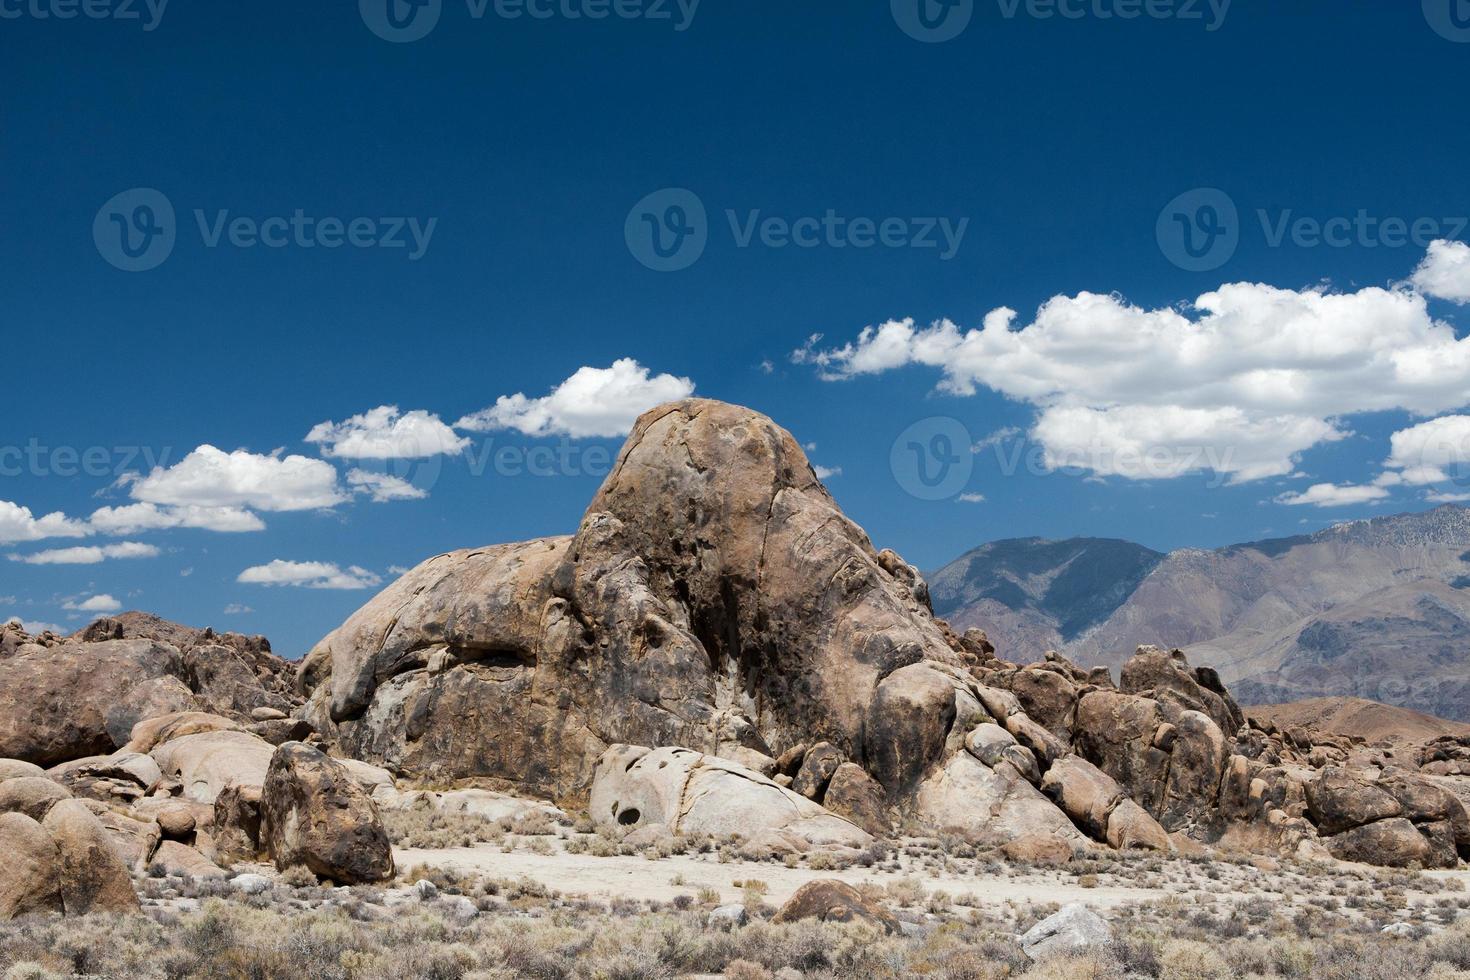 formazione rocciosa dell'elefante foto